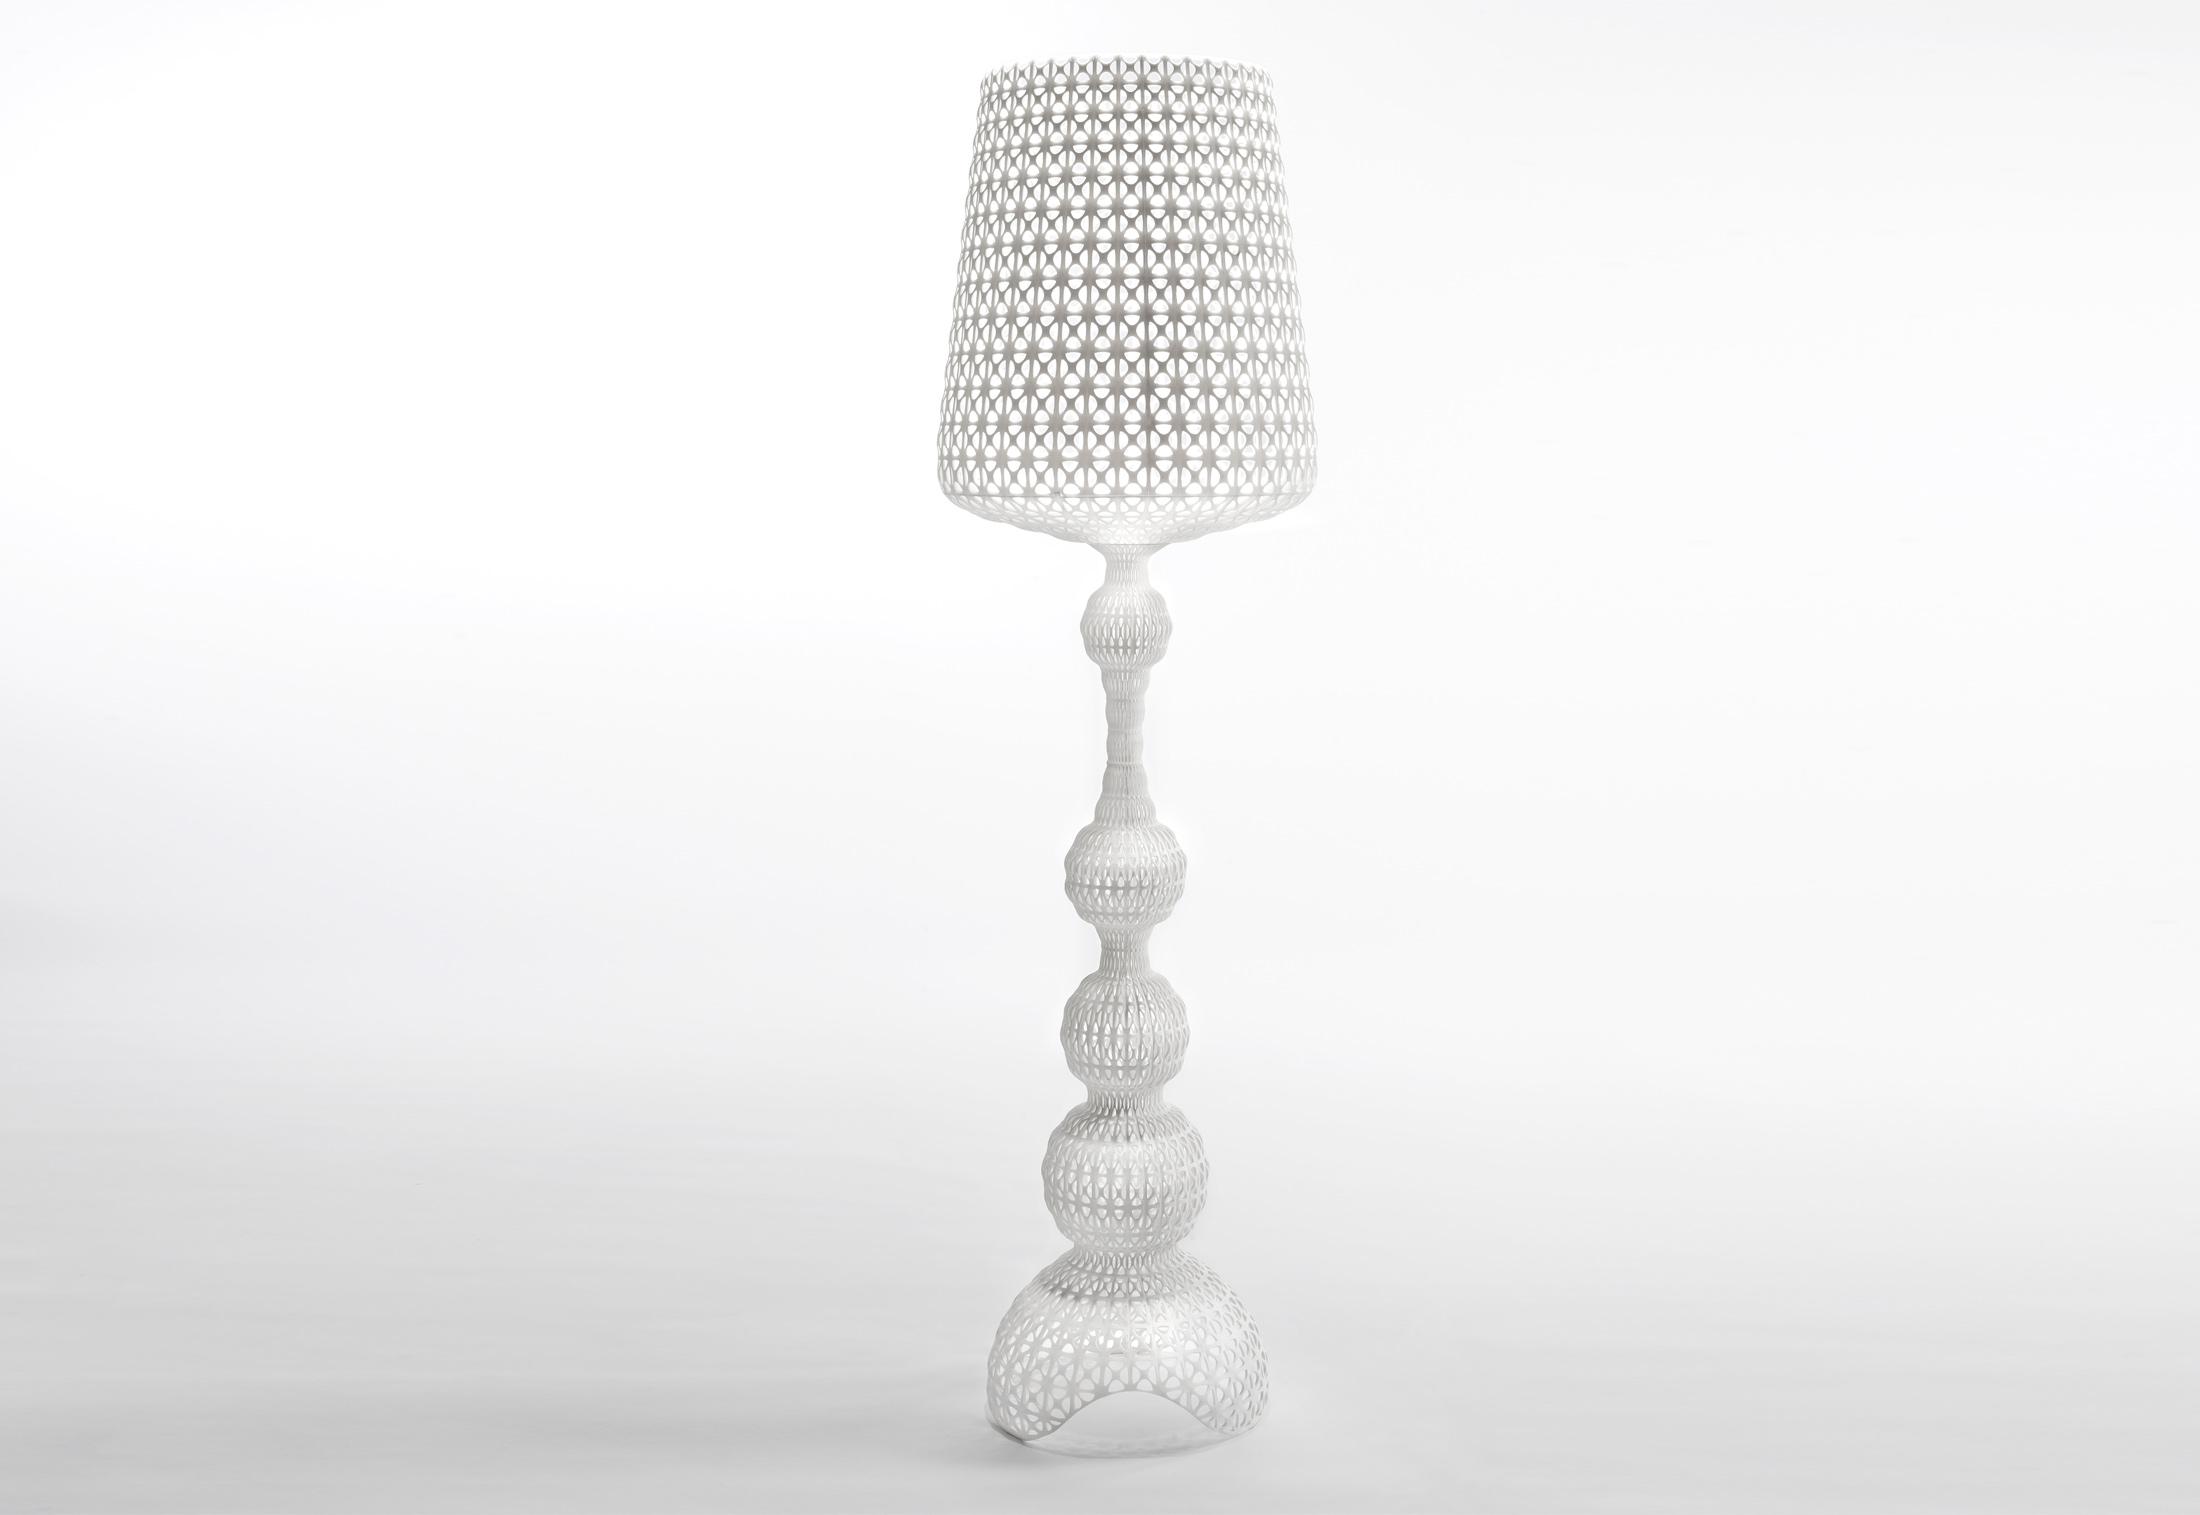 Ferruccio Laviani Lamp Kabuki Floor Lamp by Ferruccio